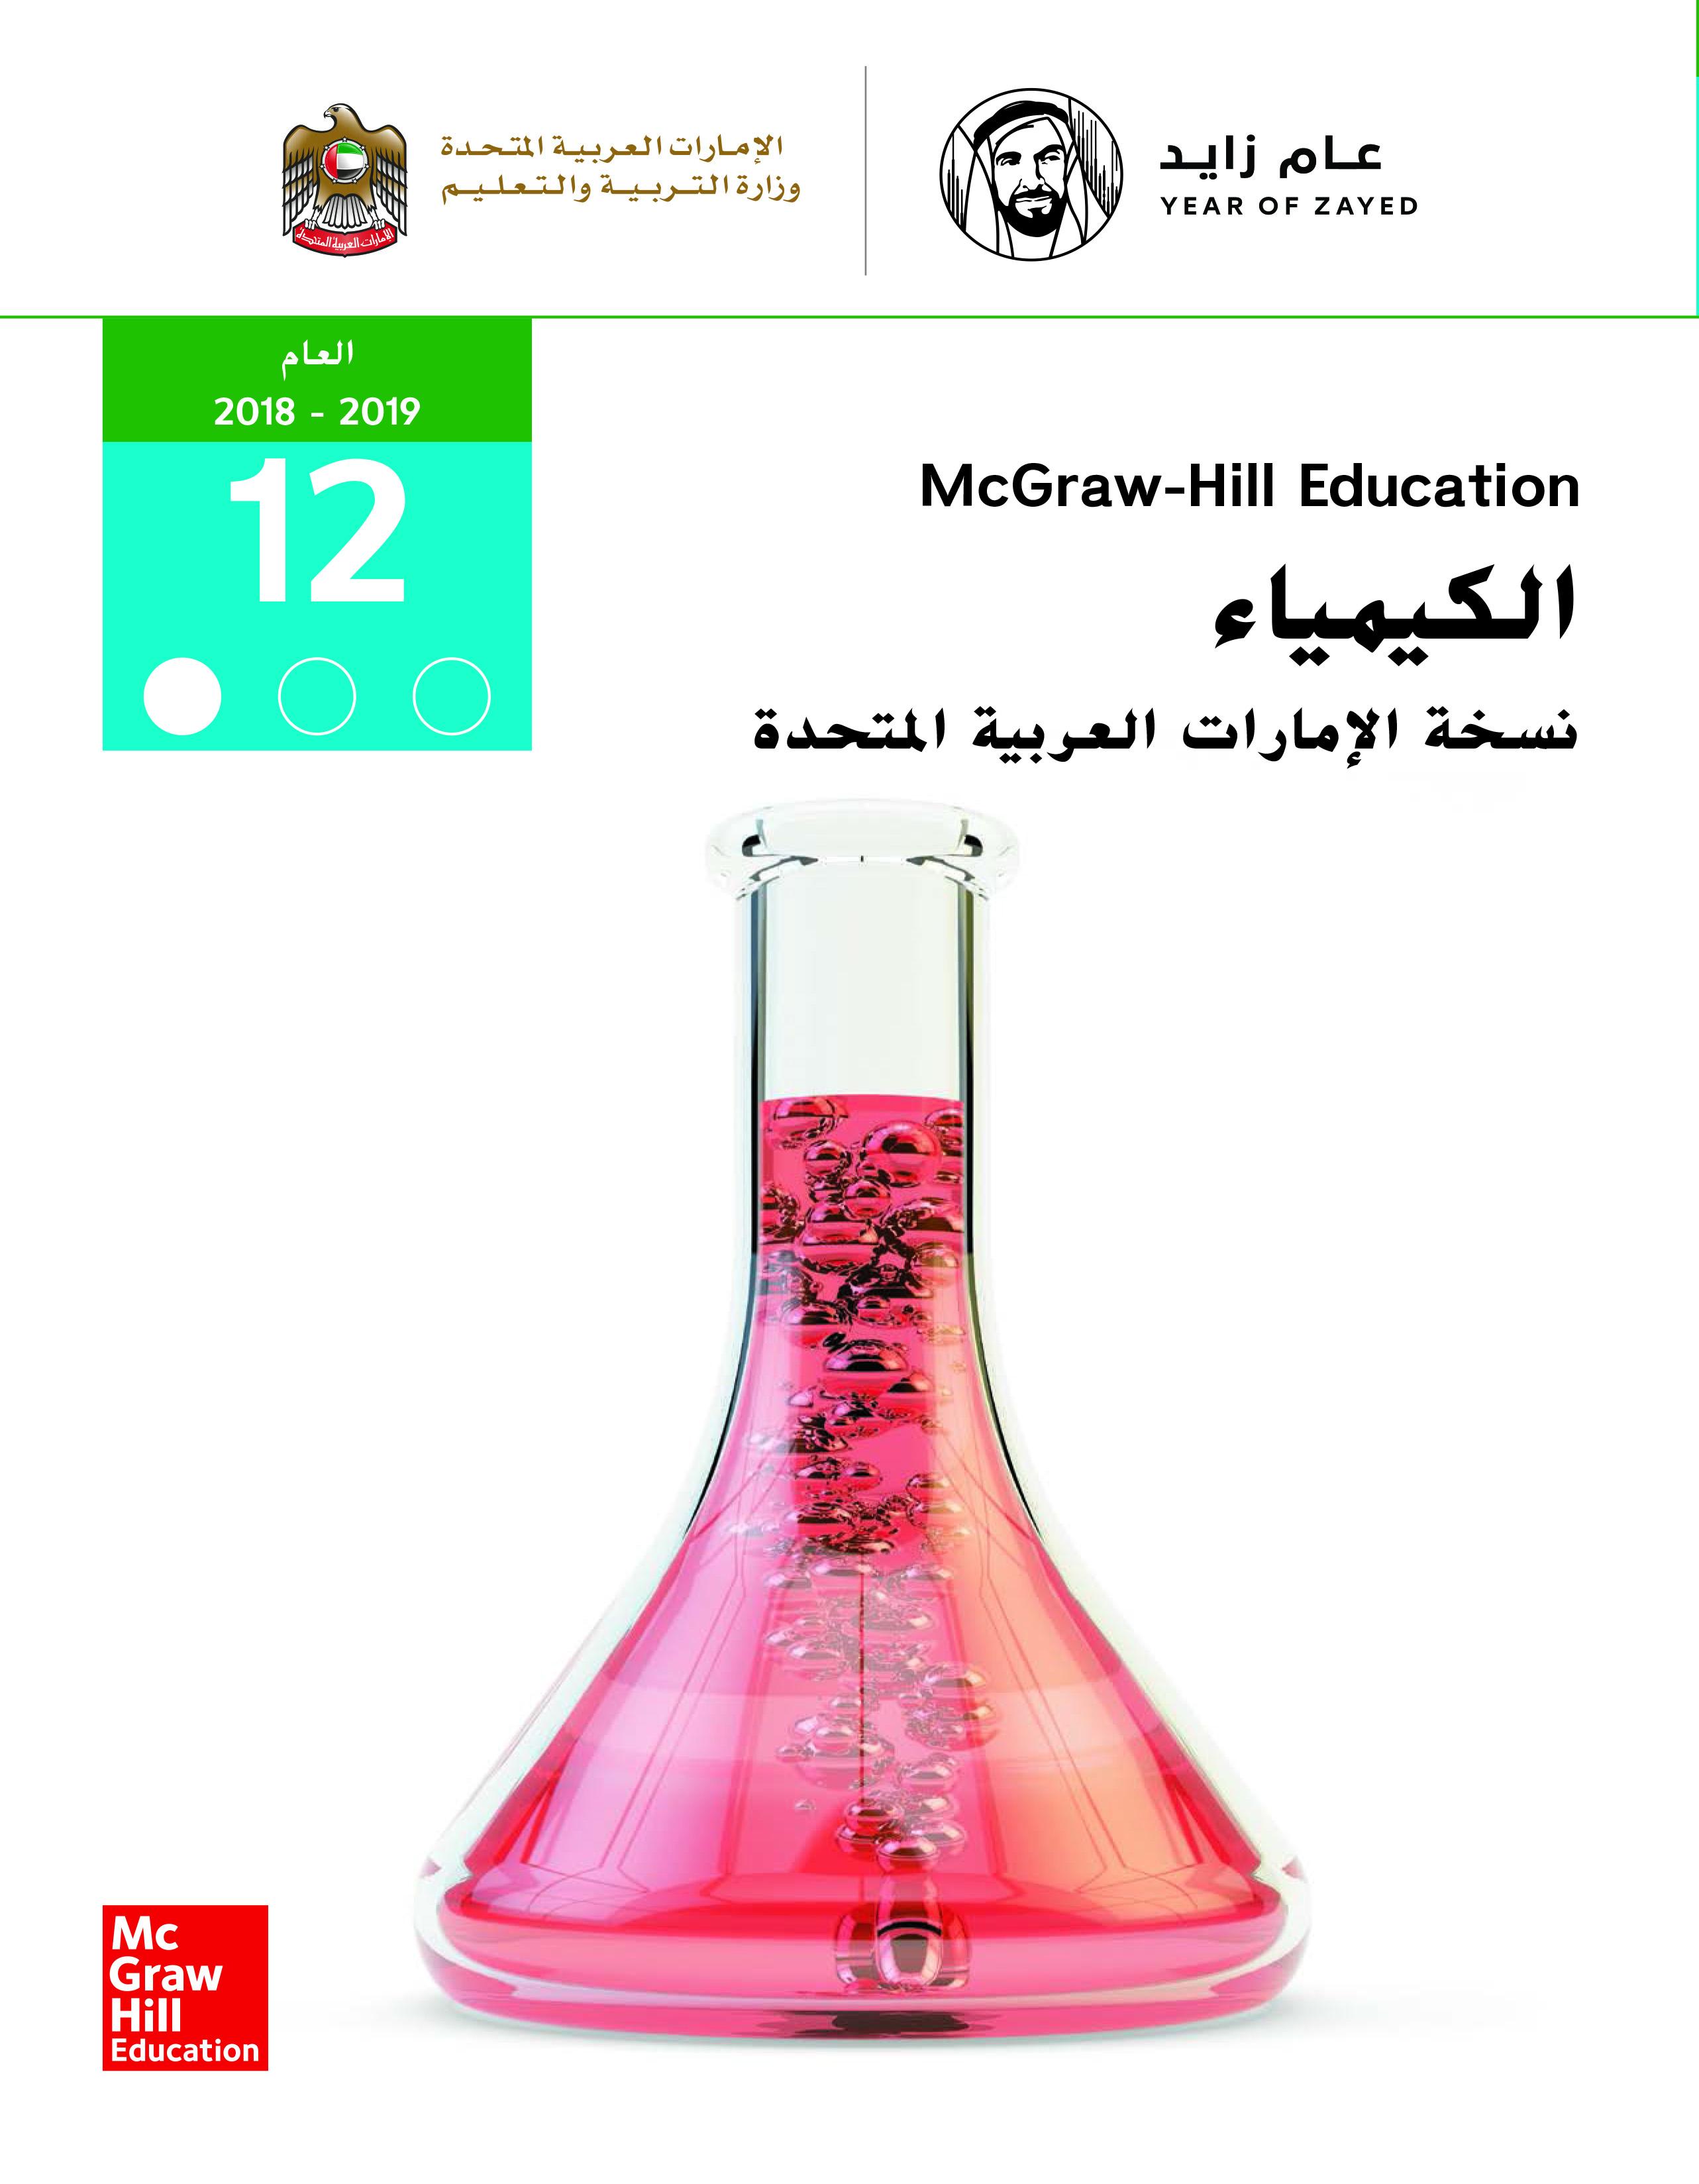 الكيمياء - كتاب الطالب - الصف الثاني عشر العام  - الجزء الأول